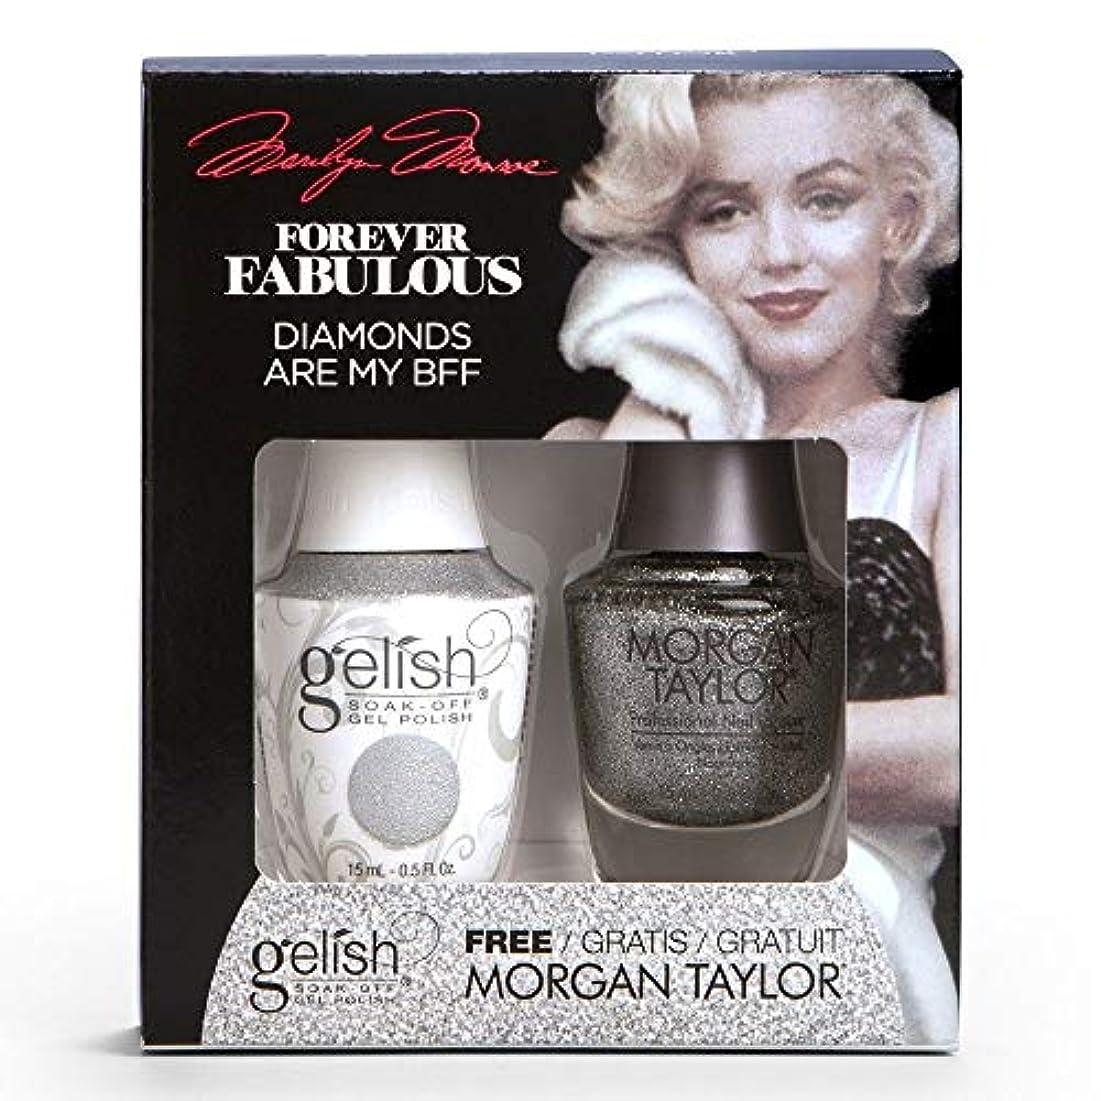 活性化する試みる一元化するHarmony Gelish & Morgan Taylor - Two Of A Kind - Forever Fabulous Marilyn Monroe - Diamonds Are My BFF - 15 mL...